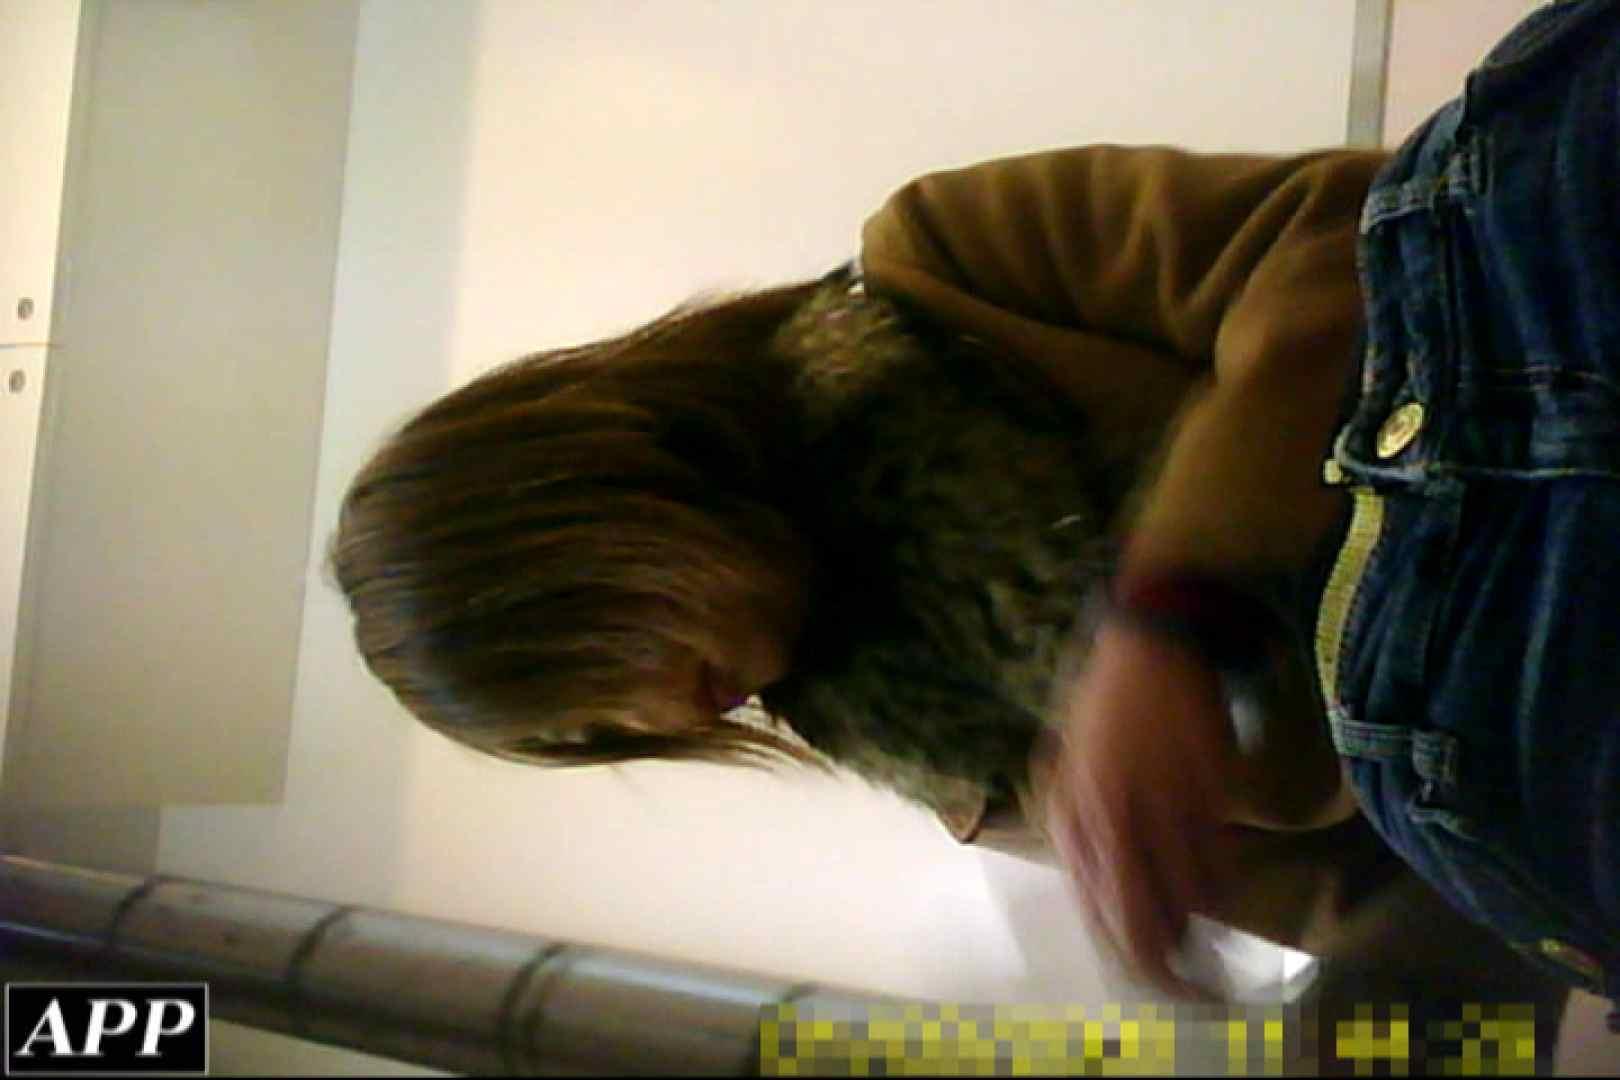 3視点洗面所 vol.133 オマンコ のぞき動画画像 105PIX 83